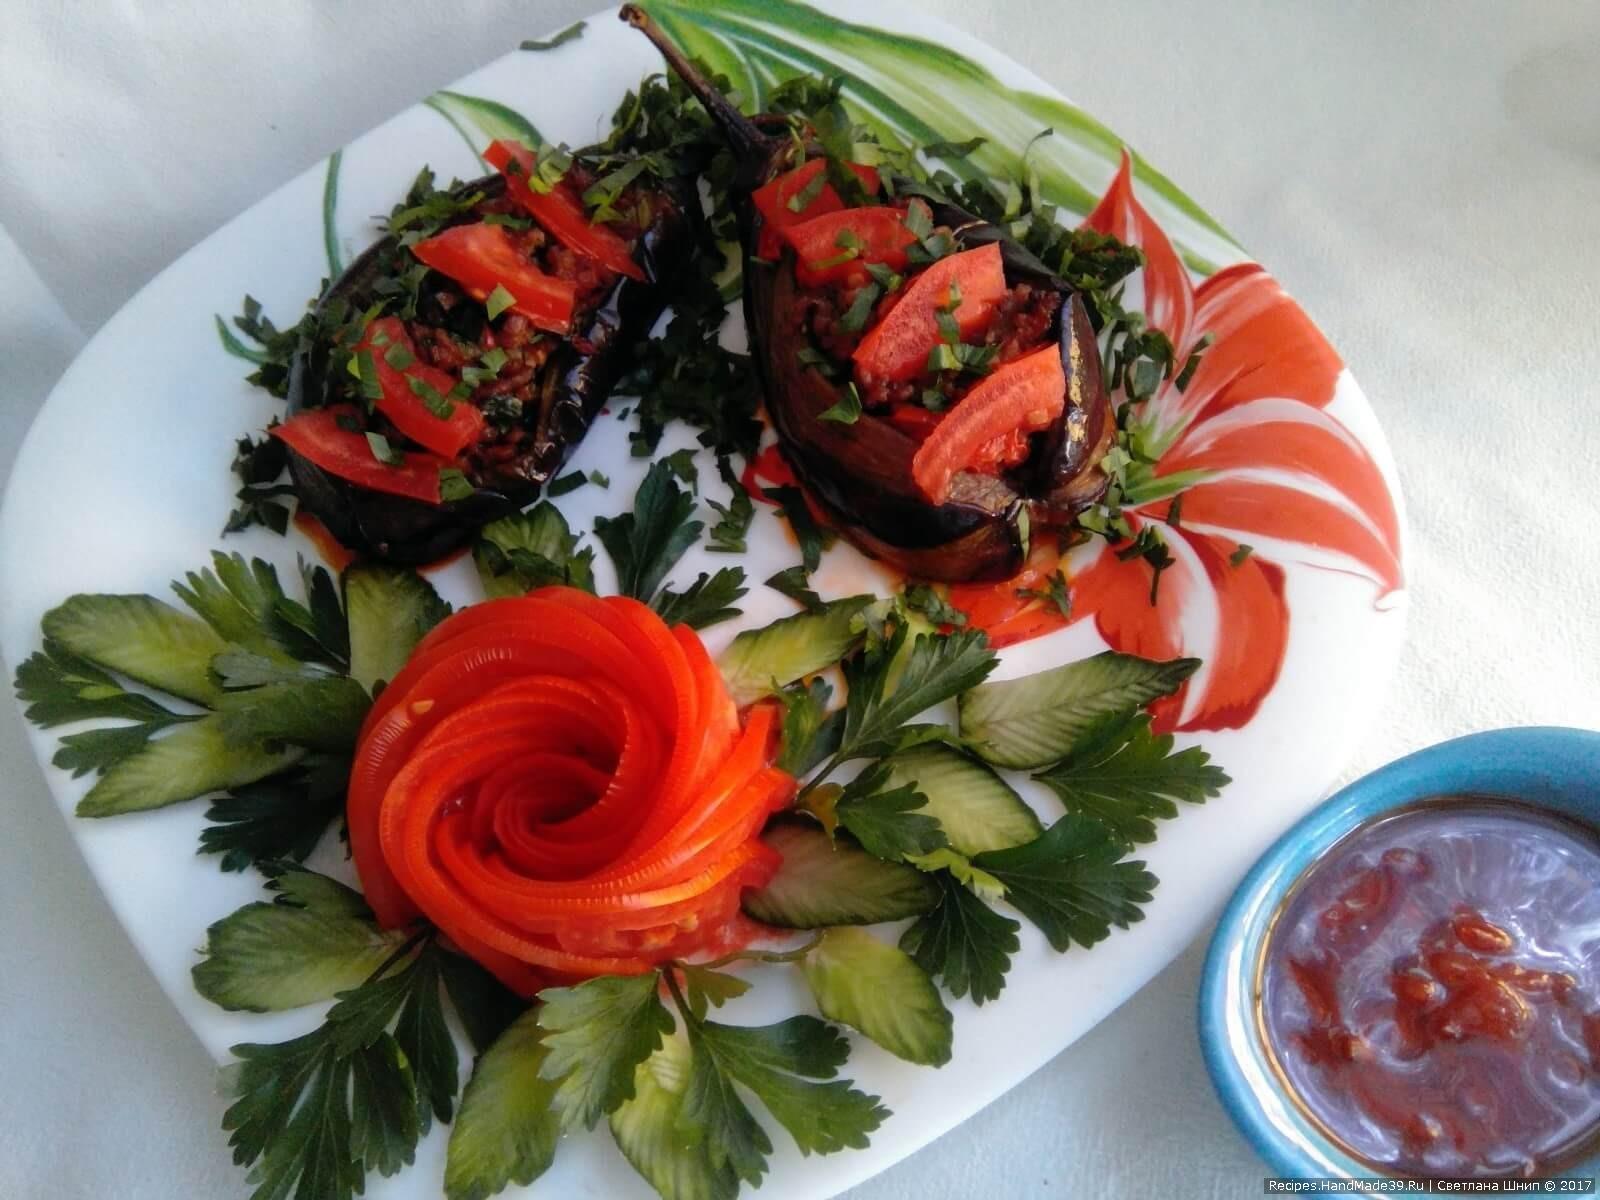 Готовые баклажаны посыпать зеленью и подать с томатной заливкой. Приятного аппетита!